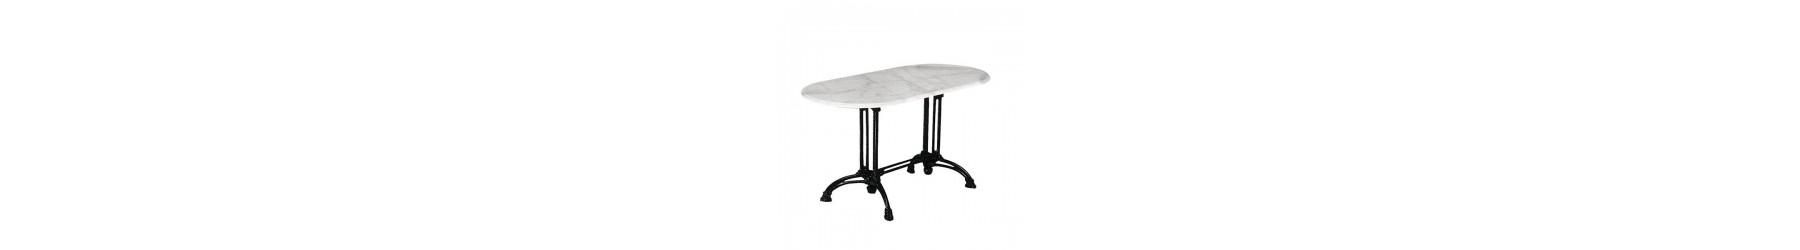 Τραπέζια με σκελετό από μαντέμι και επιφάνεια από μάρμαρο